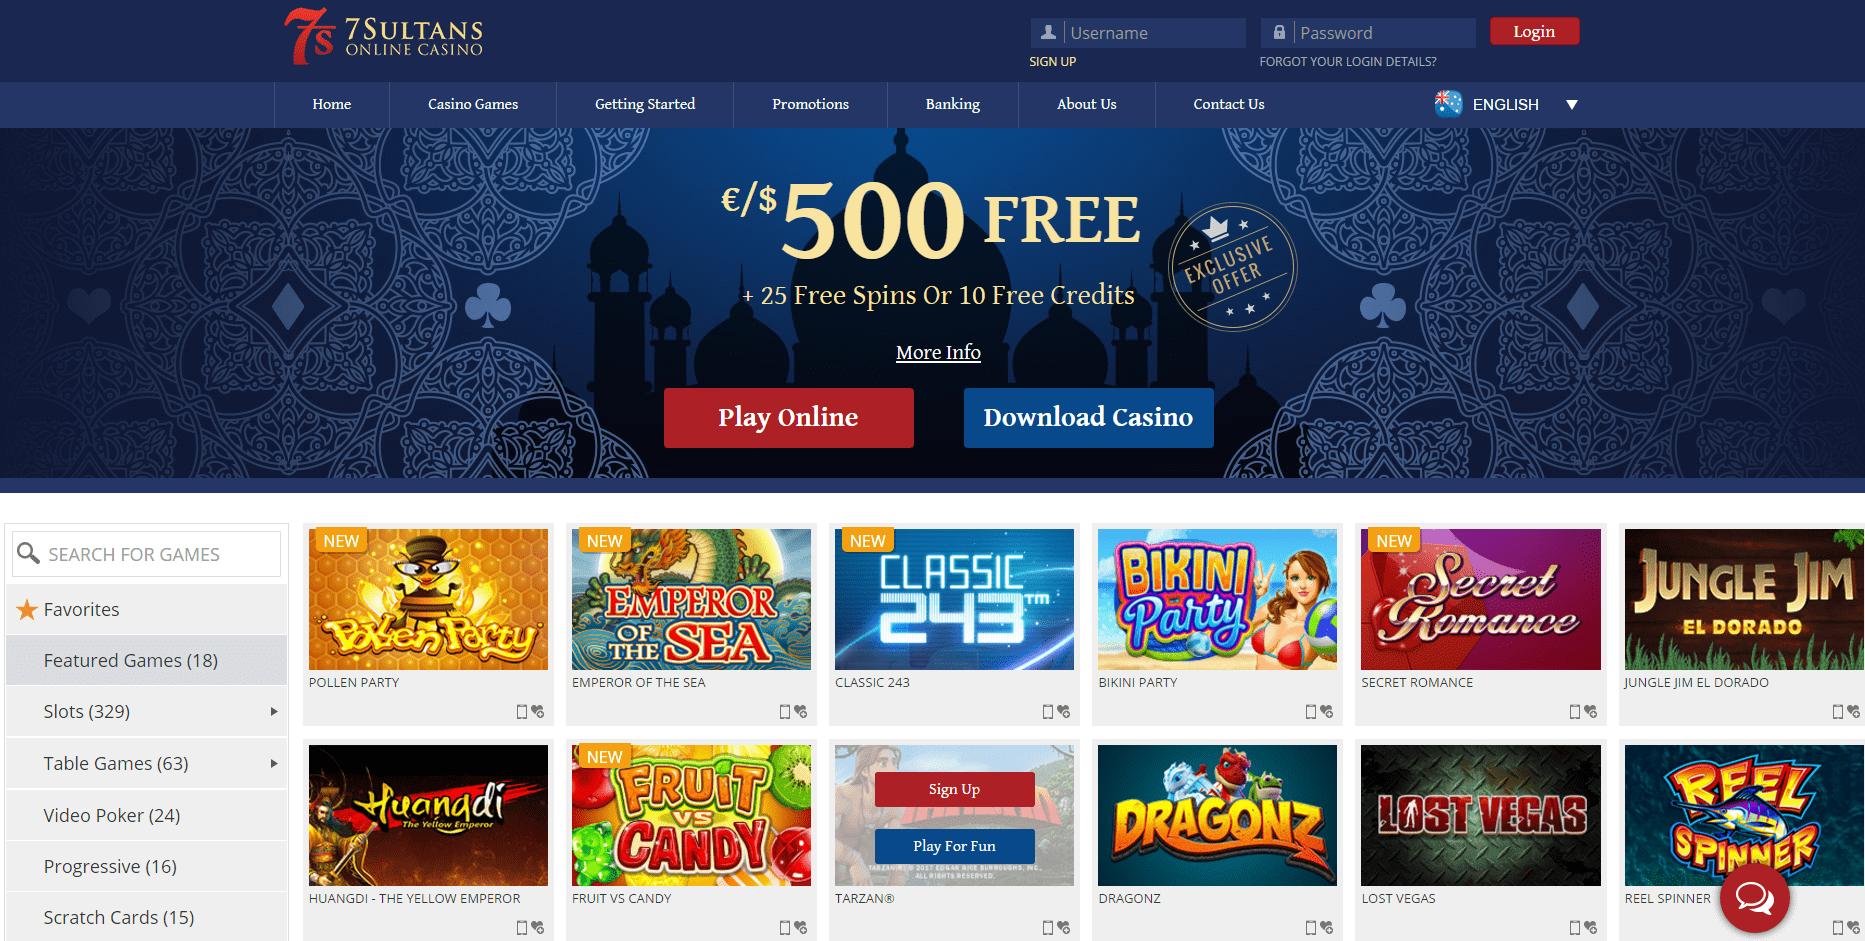 7sultans Mobile Casino